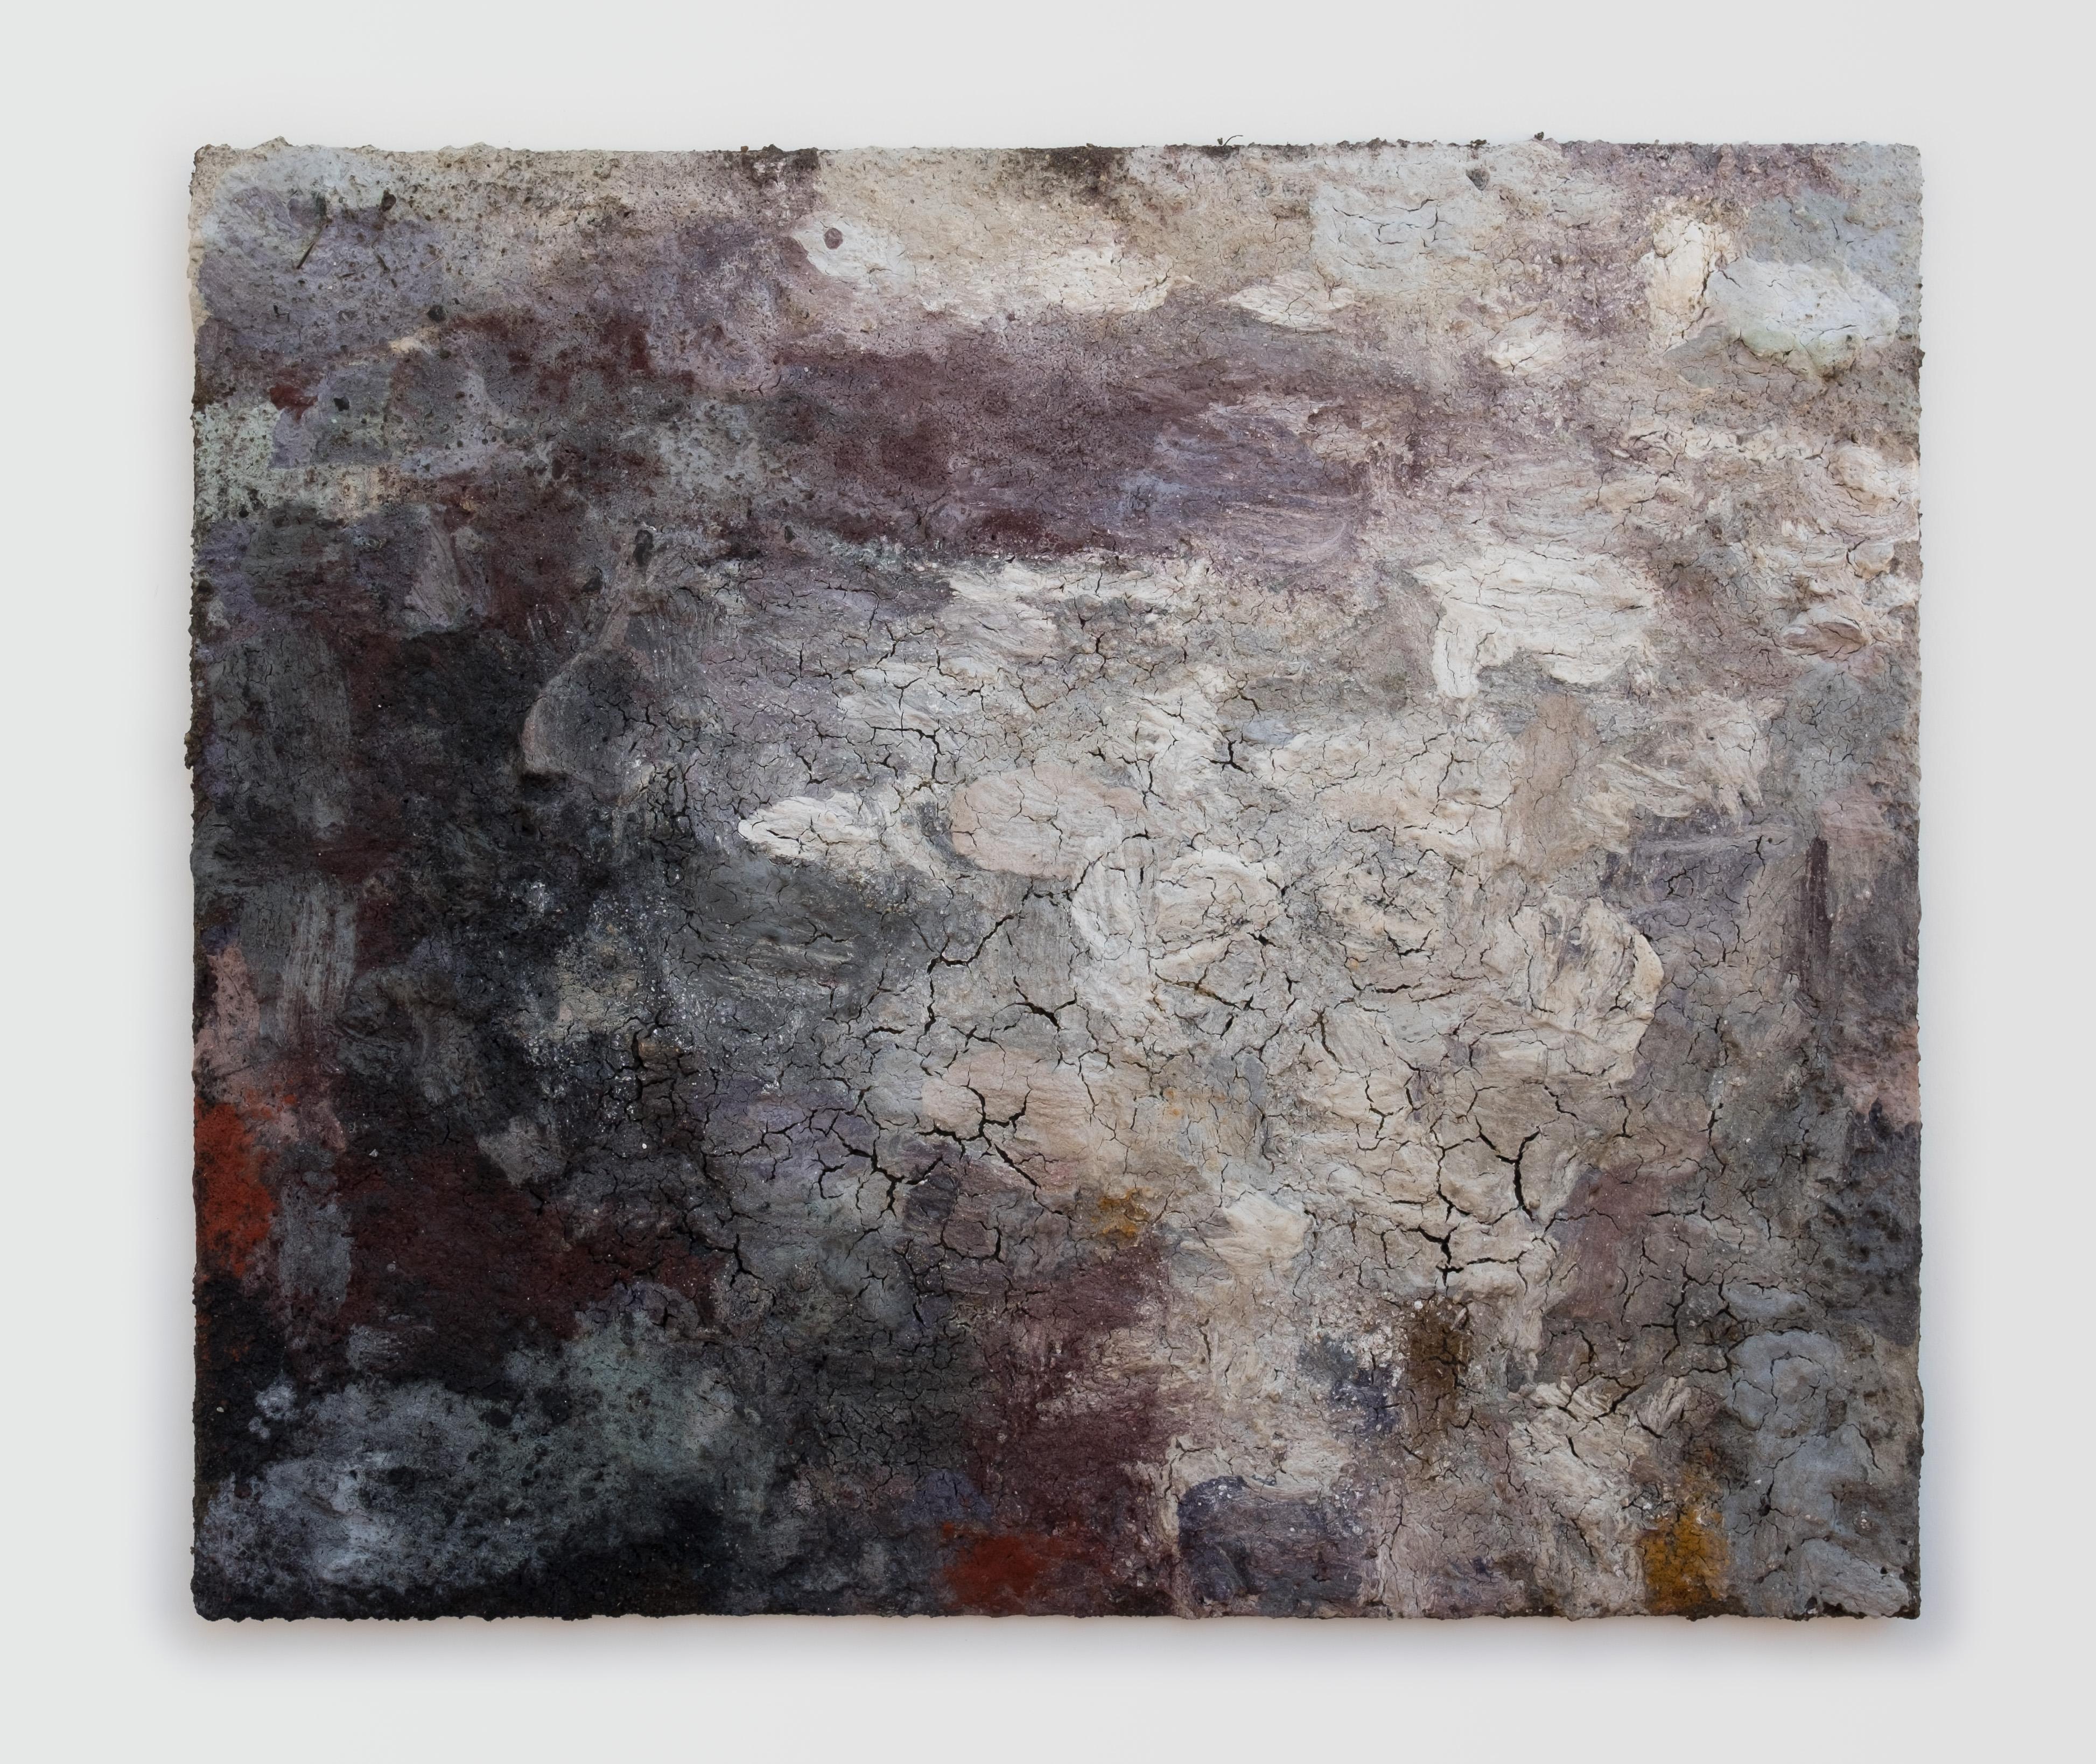 terra bruciata #66  2017  11.5x13.5